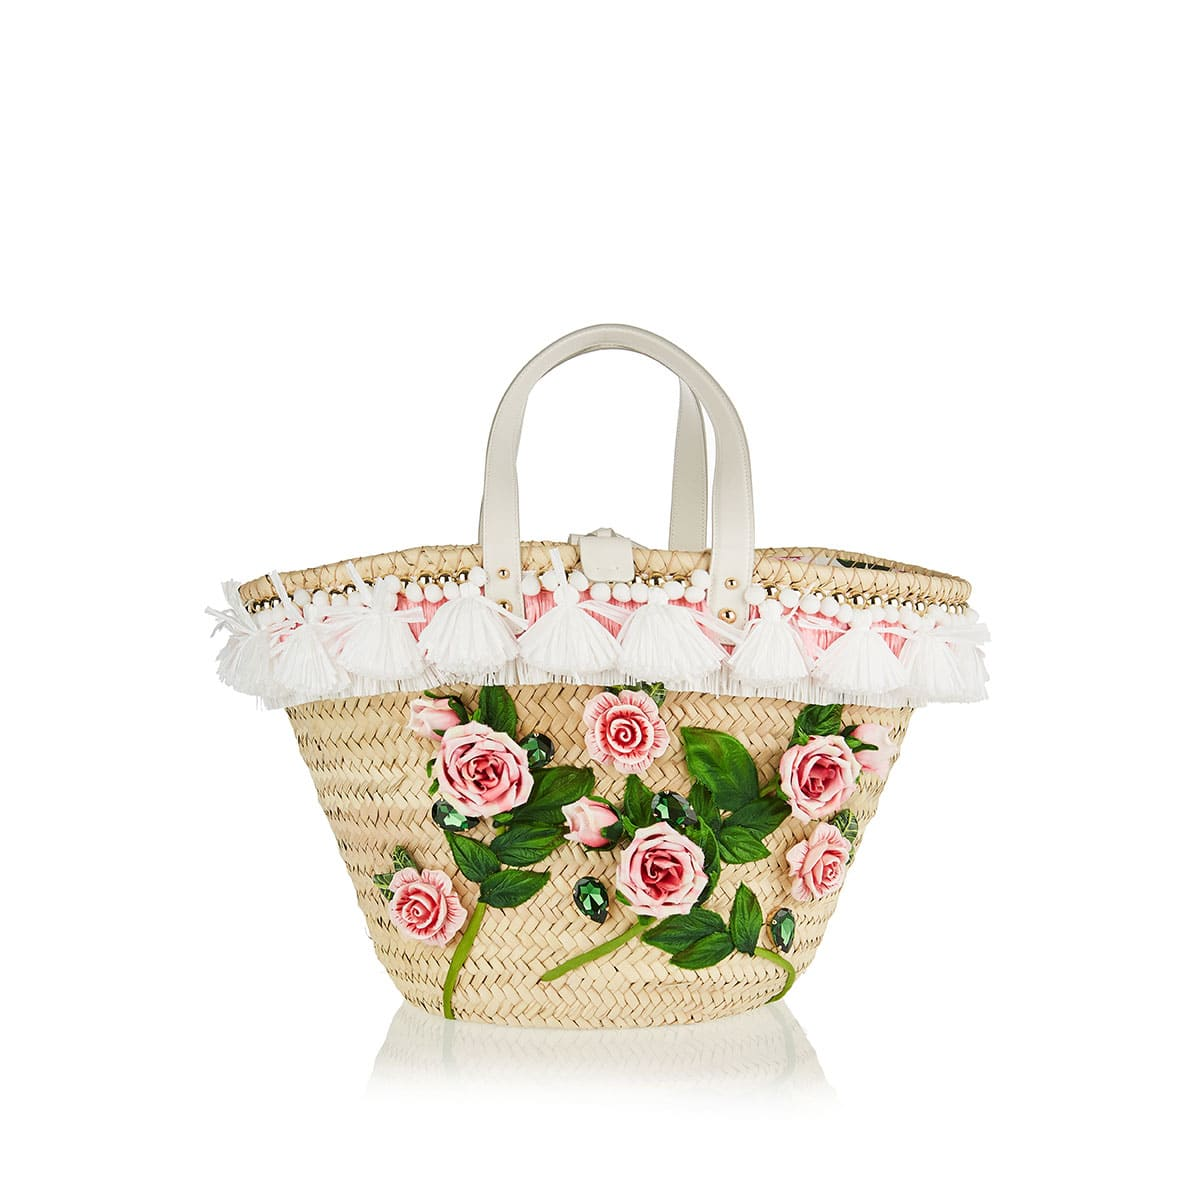 Flower-embellished straw basket bag